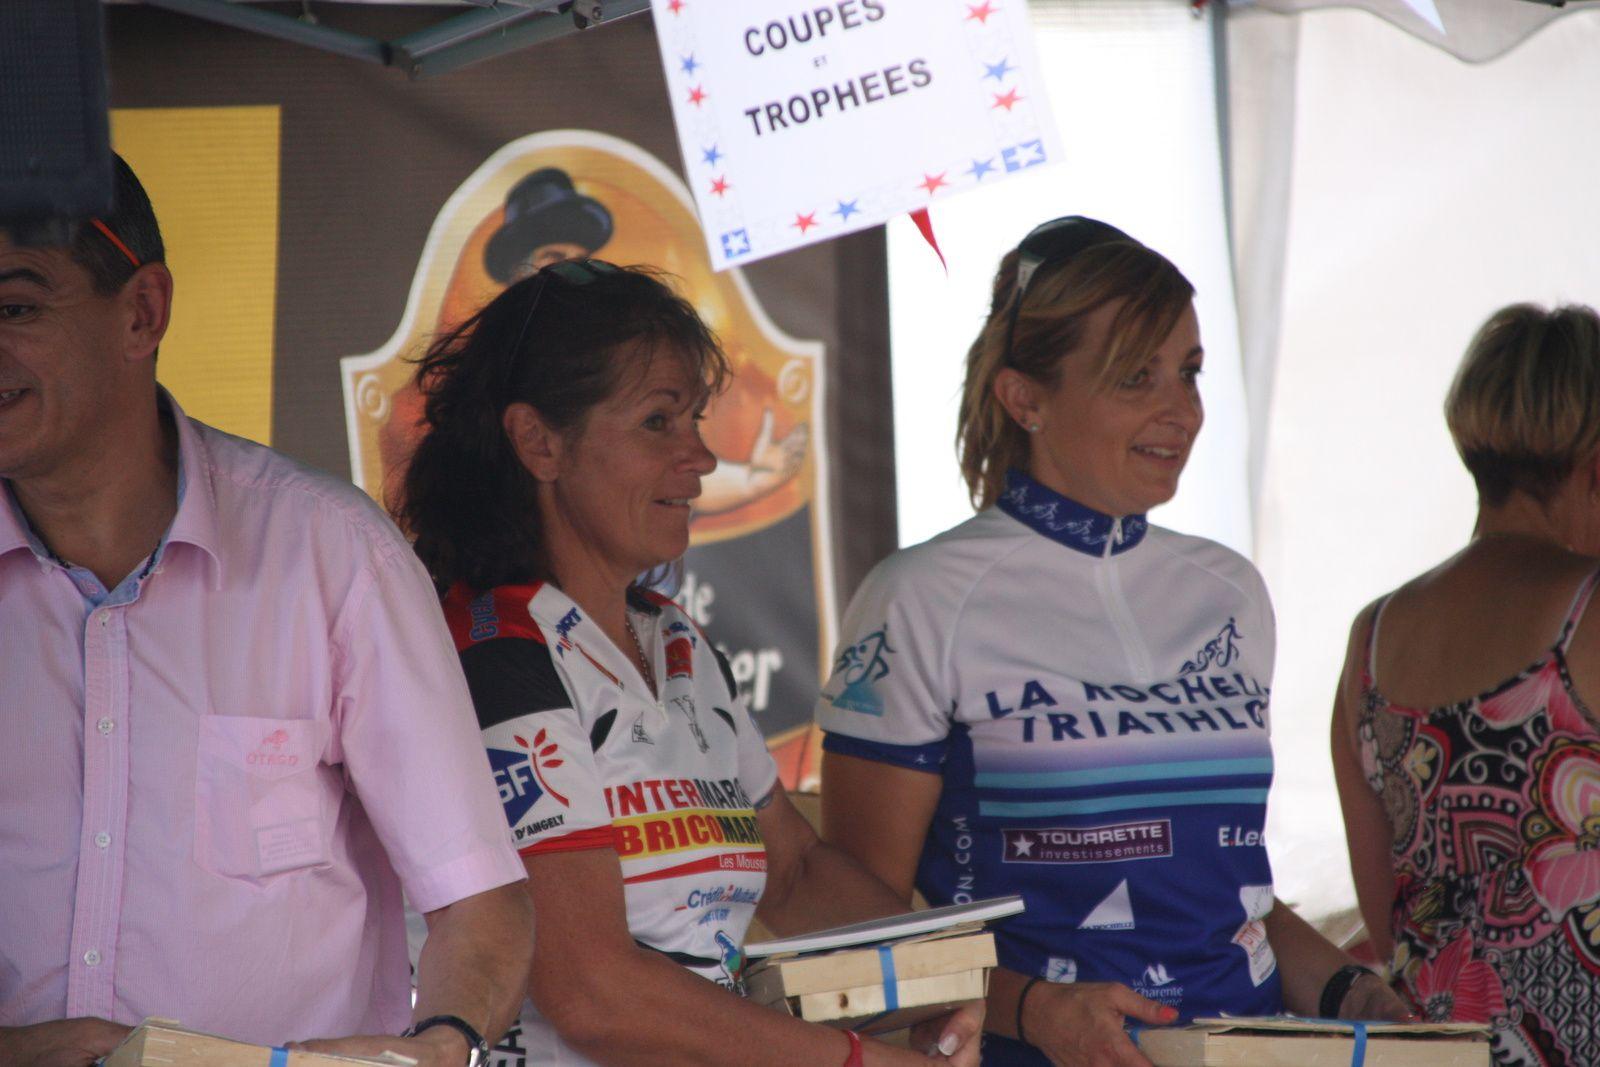 Le  podium  féminin  avec  Laurence  RONDIER(R  Guataise)  à  la  3e  place